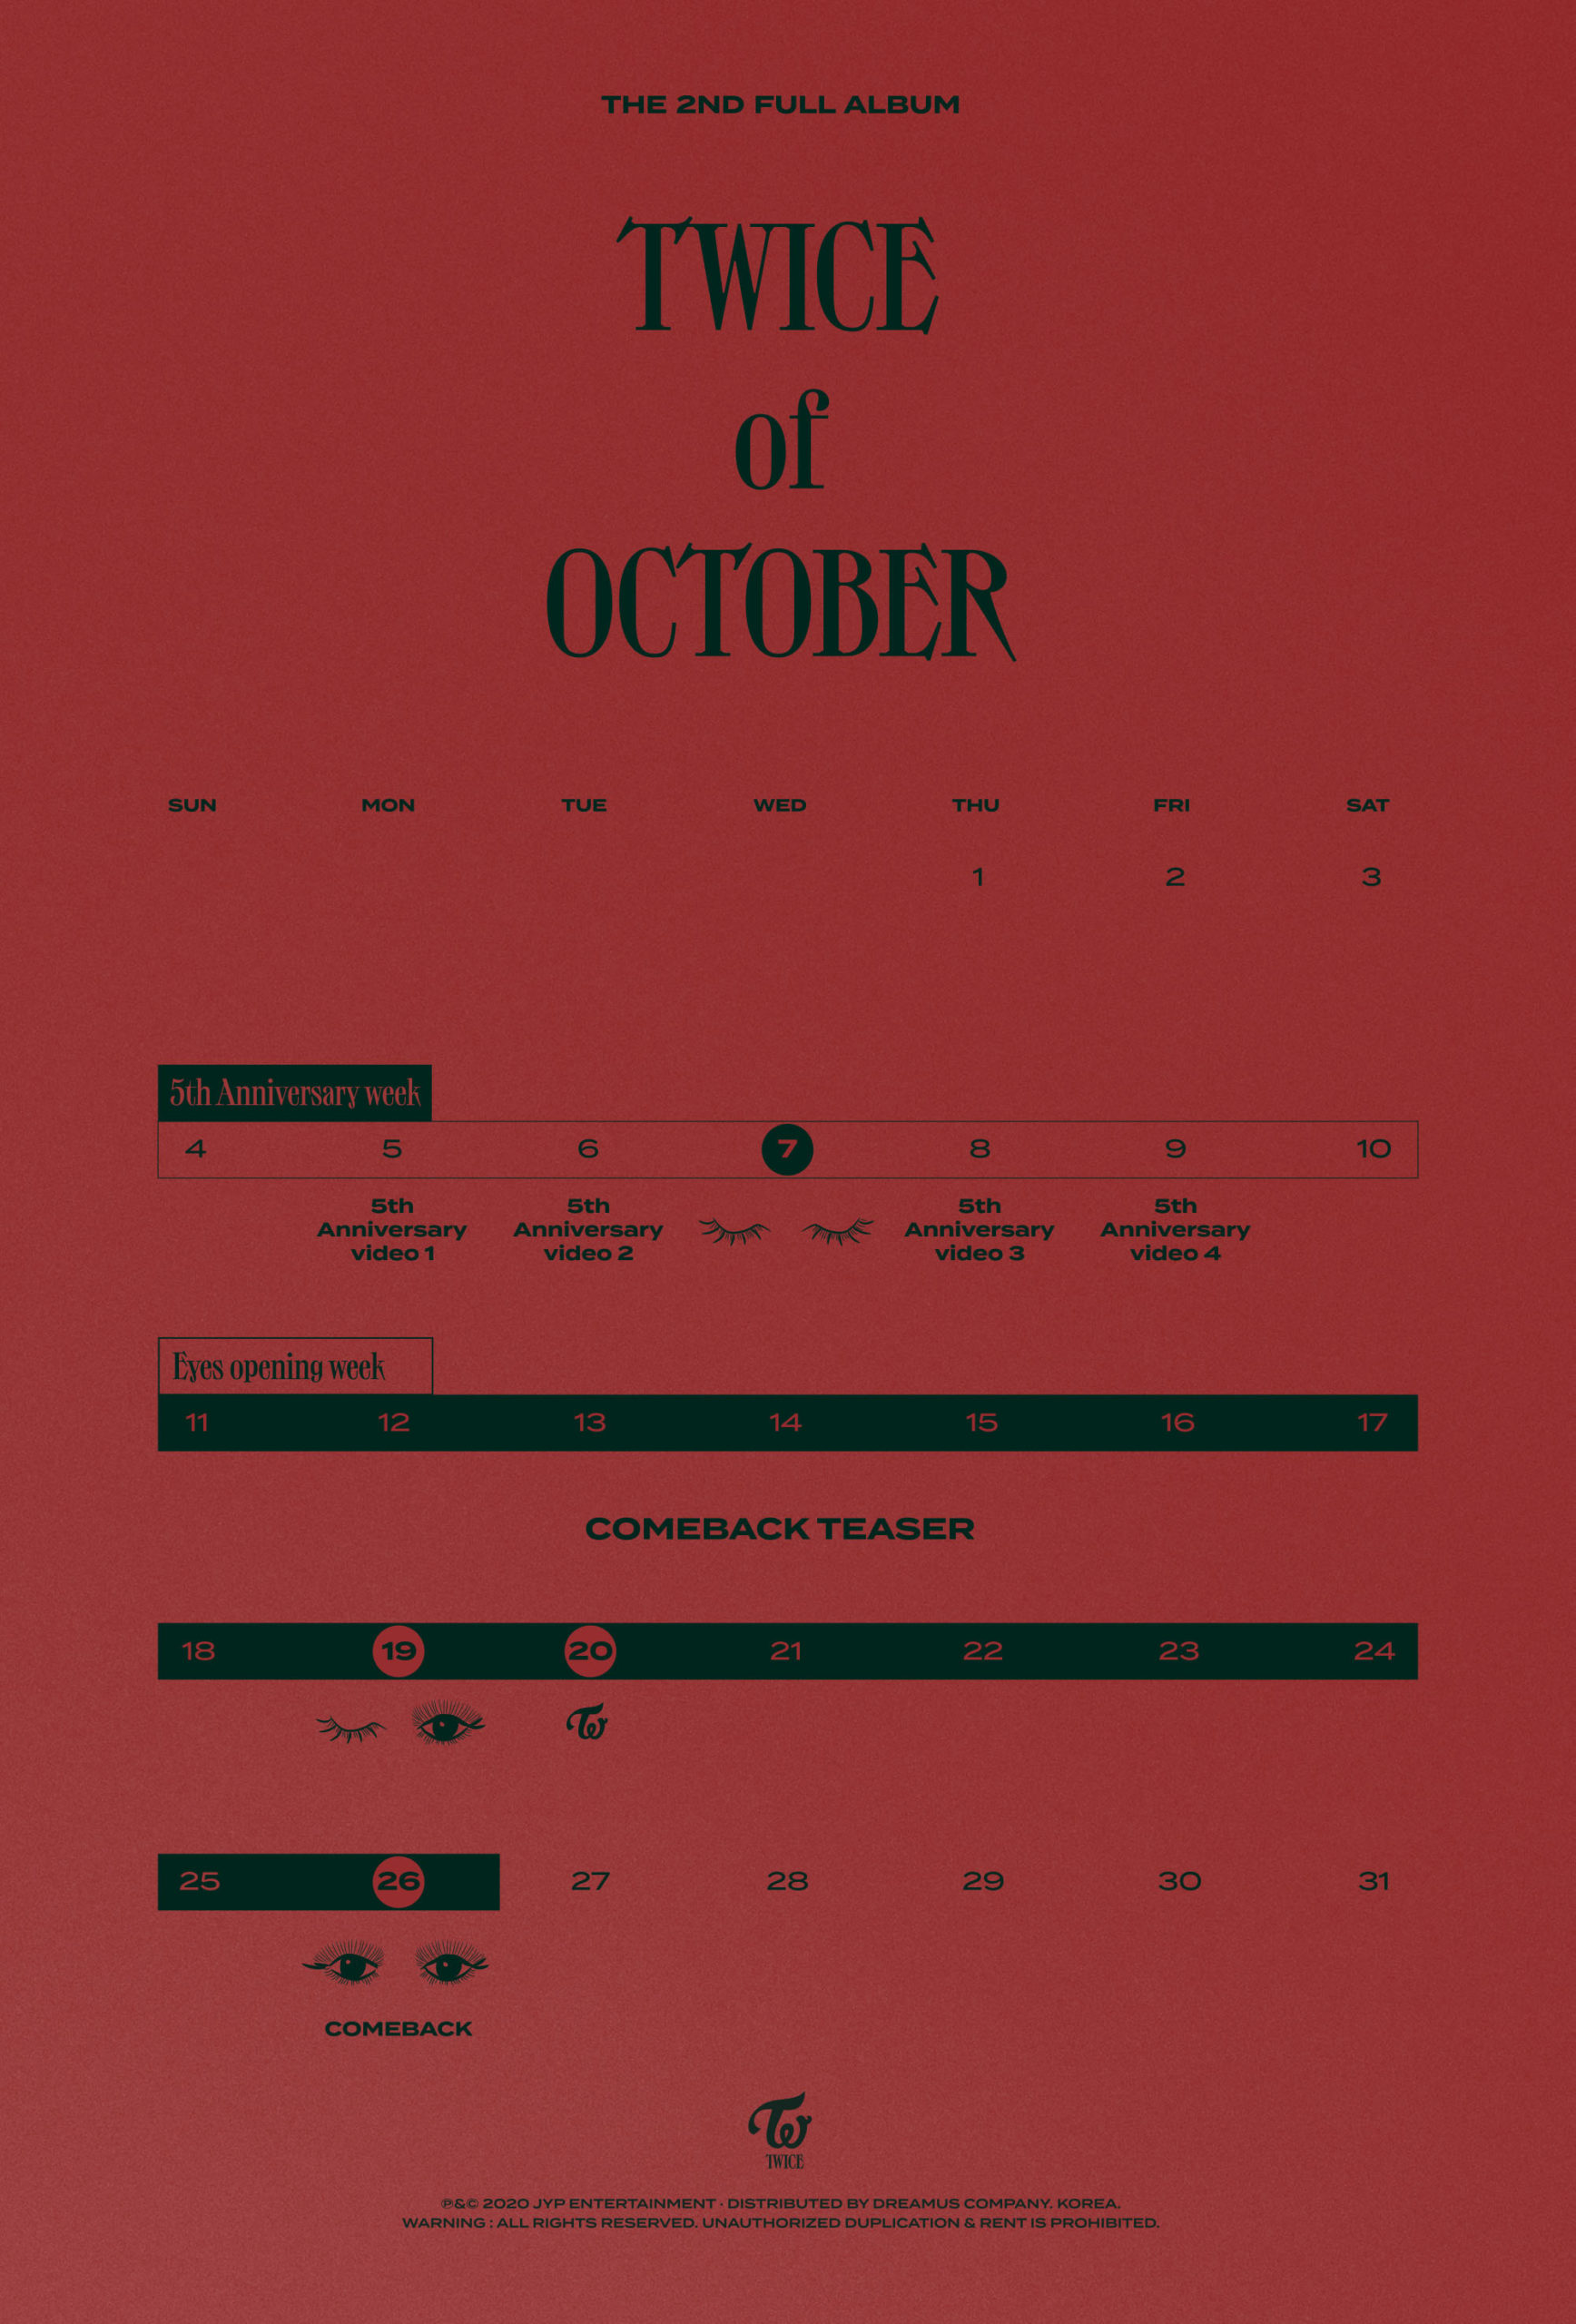 TWICE anuncia el calendario de actividades para TWICETOBER